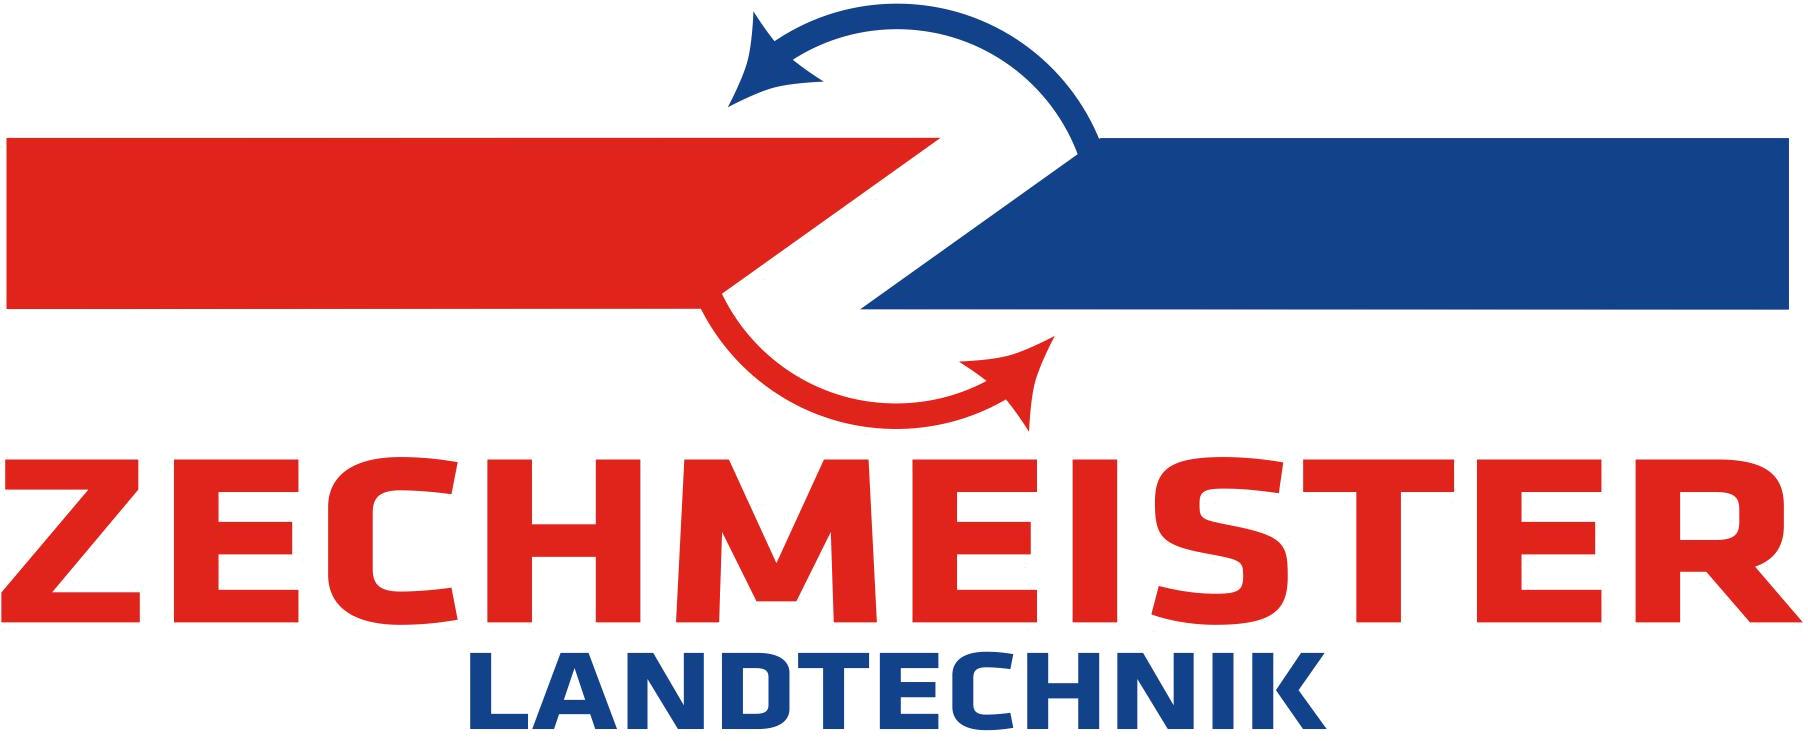 Landtechnik Zechmeister GmbH & Co KG aus Münzkirchen | Ihr Partner für Neumaschinen, Gebrauchtmaschinen und Melktechnik. Vom Verkauf von Ersatzteilen über Wartung, Service und Reparatur bekommen Sie alles aus einer Hand.